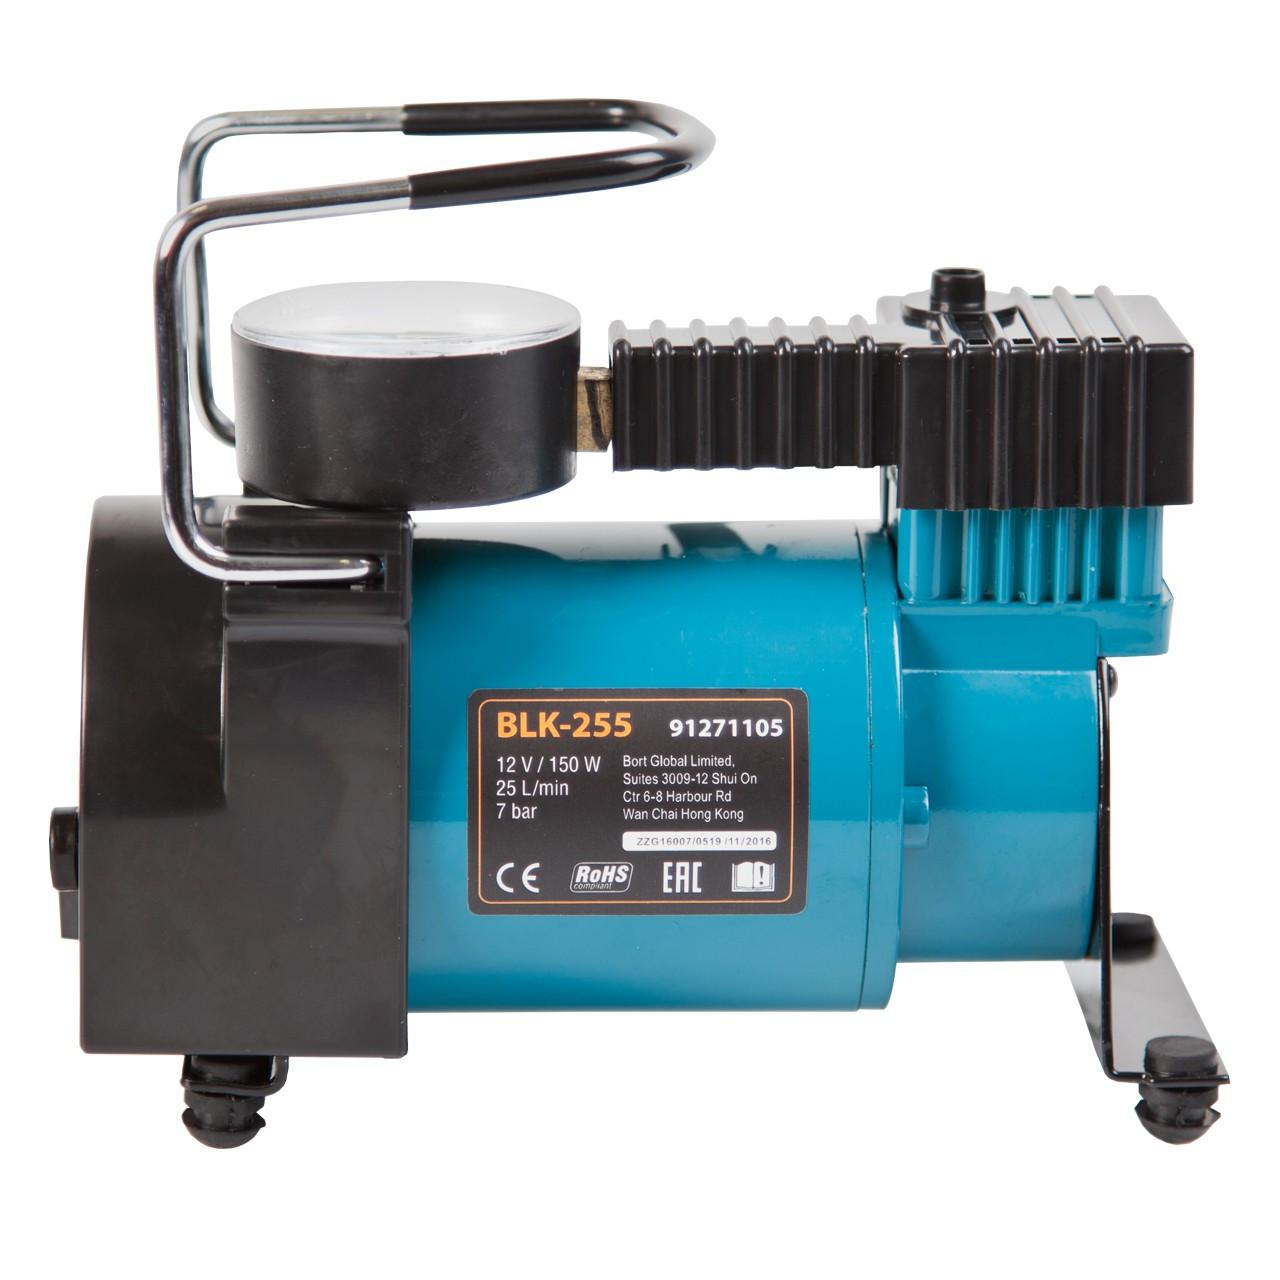 Автомобильный насос-компрессор, 12В, 150Вт 7бар 25л/мин BLK-255, сумка